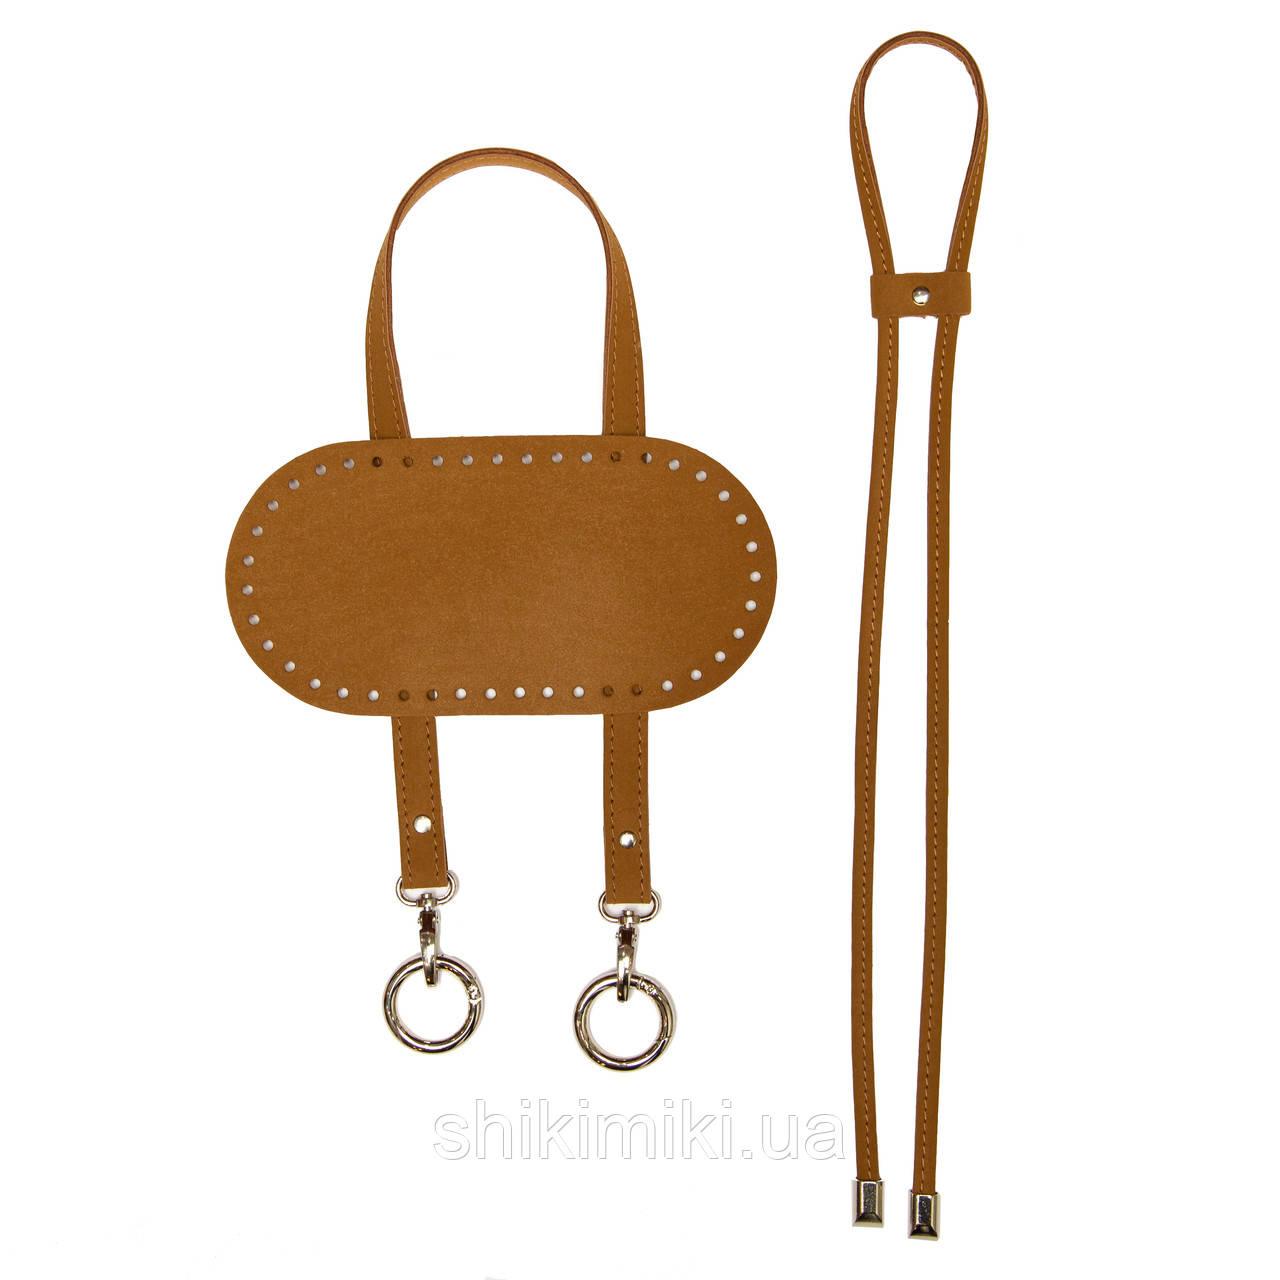 Комплект для сумки Торба з еко шкіри, колір рудий, матовий